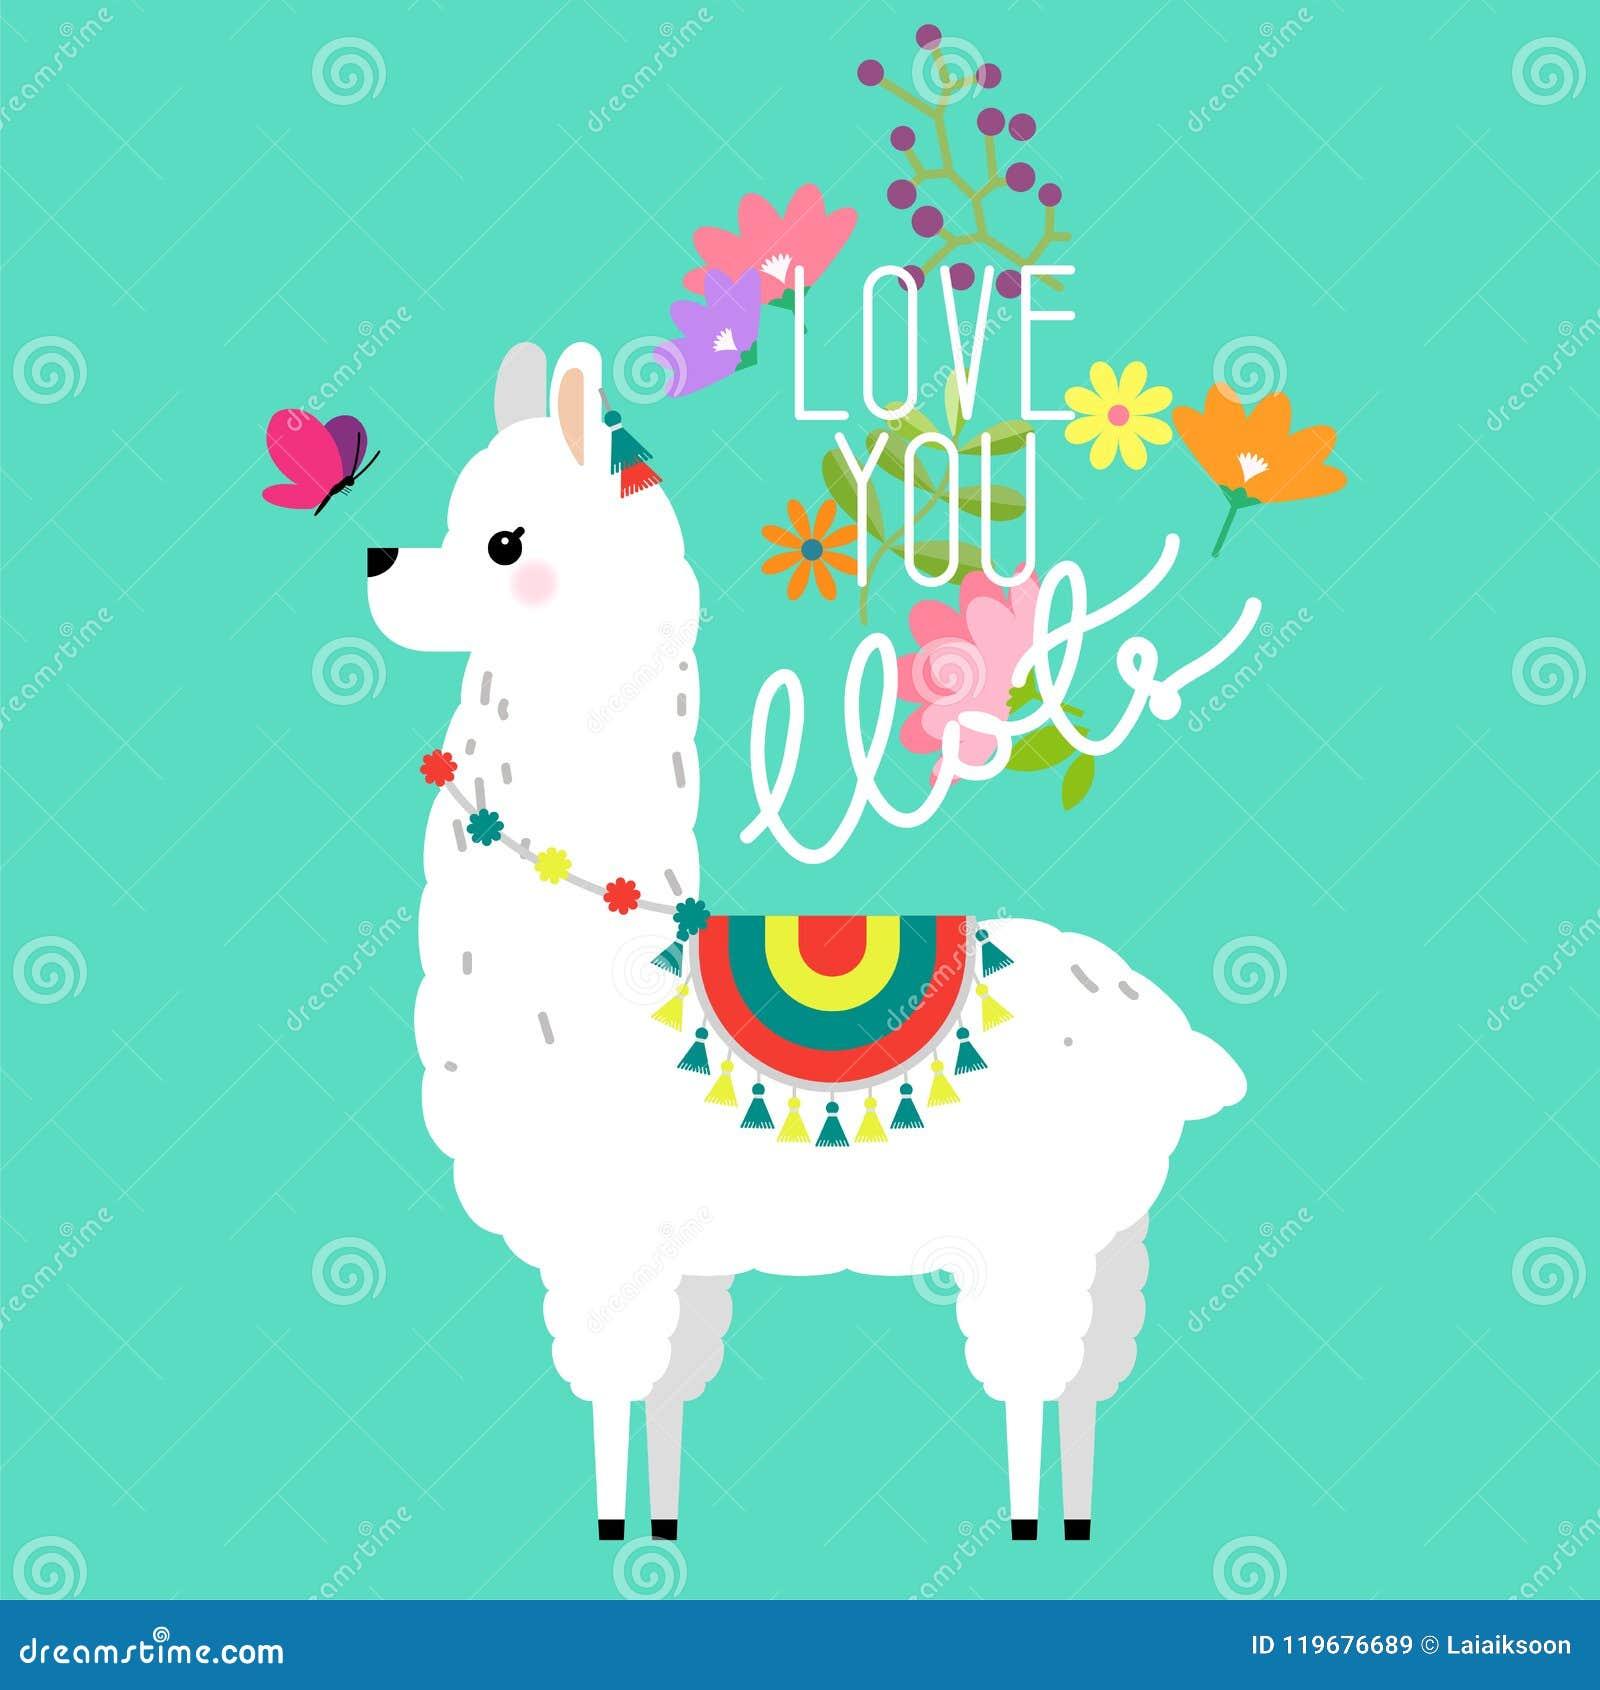 托儿所的逗人喜爱的骆马和羊魄例证设计,海报、问候、生日贺卡、婴儿送礼会设计和党装饰